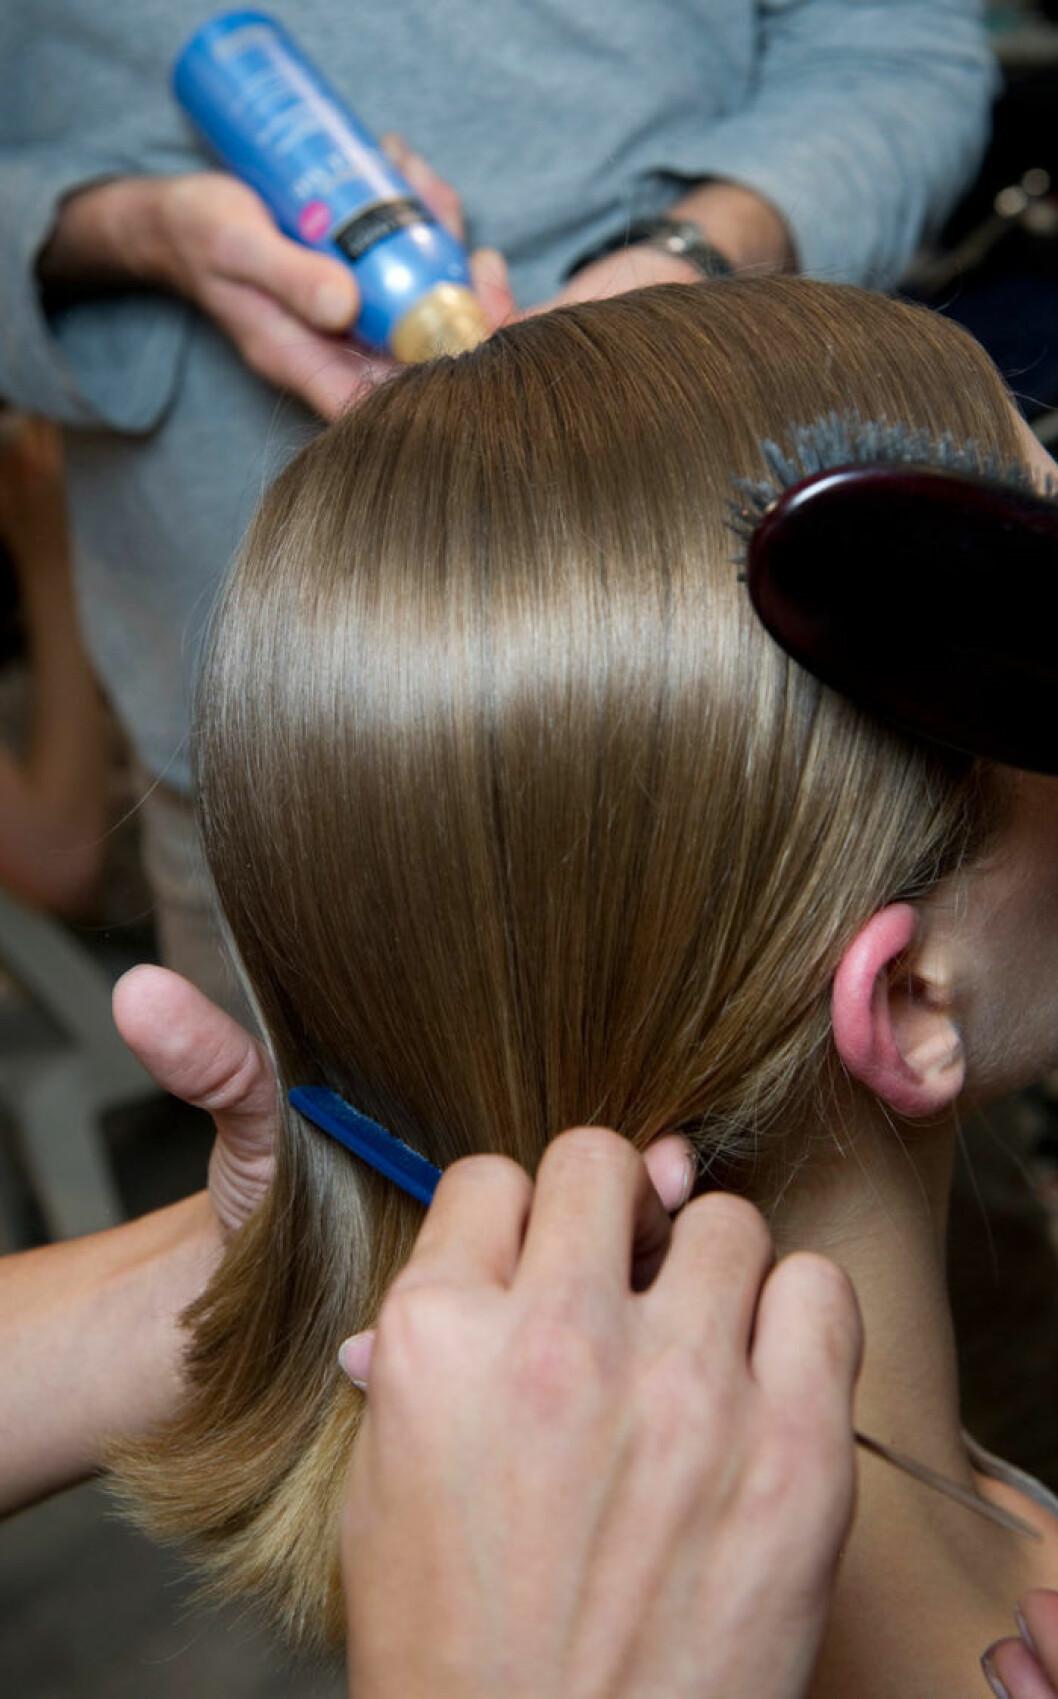 huvud med någon som borstar håret